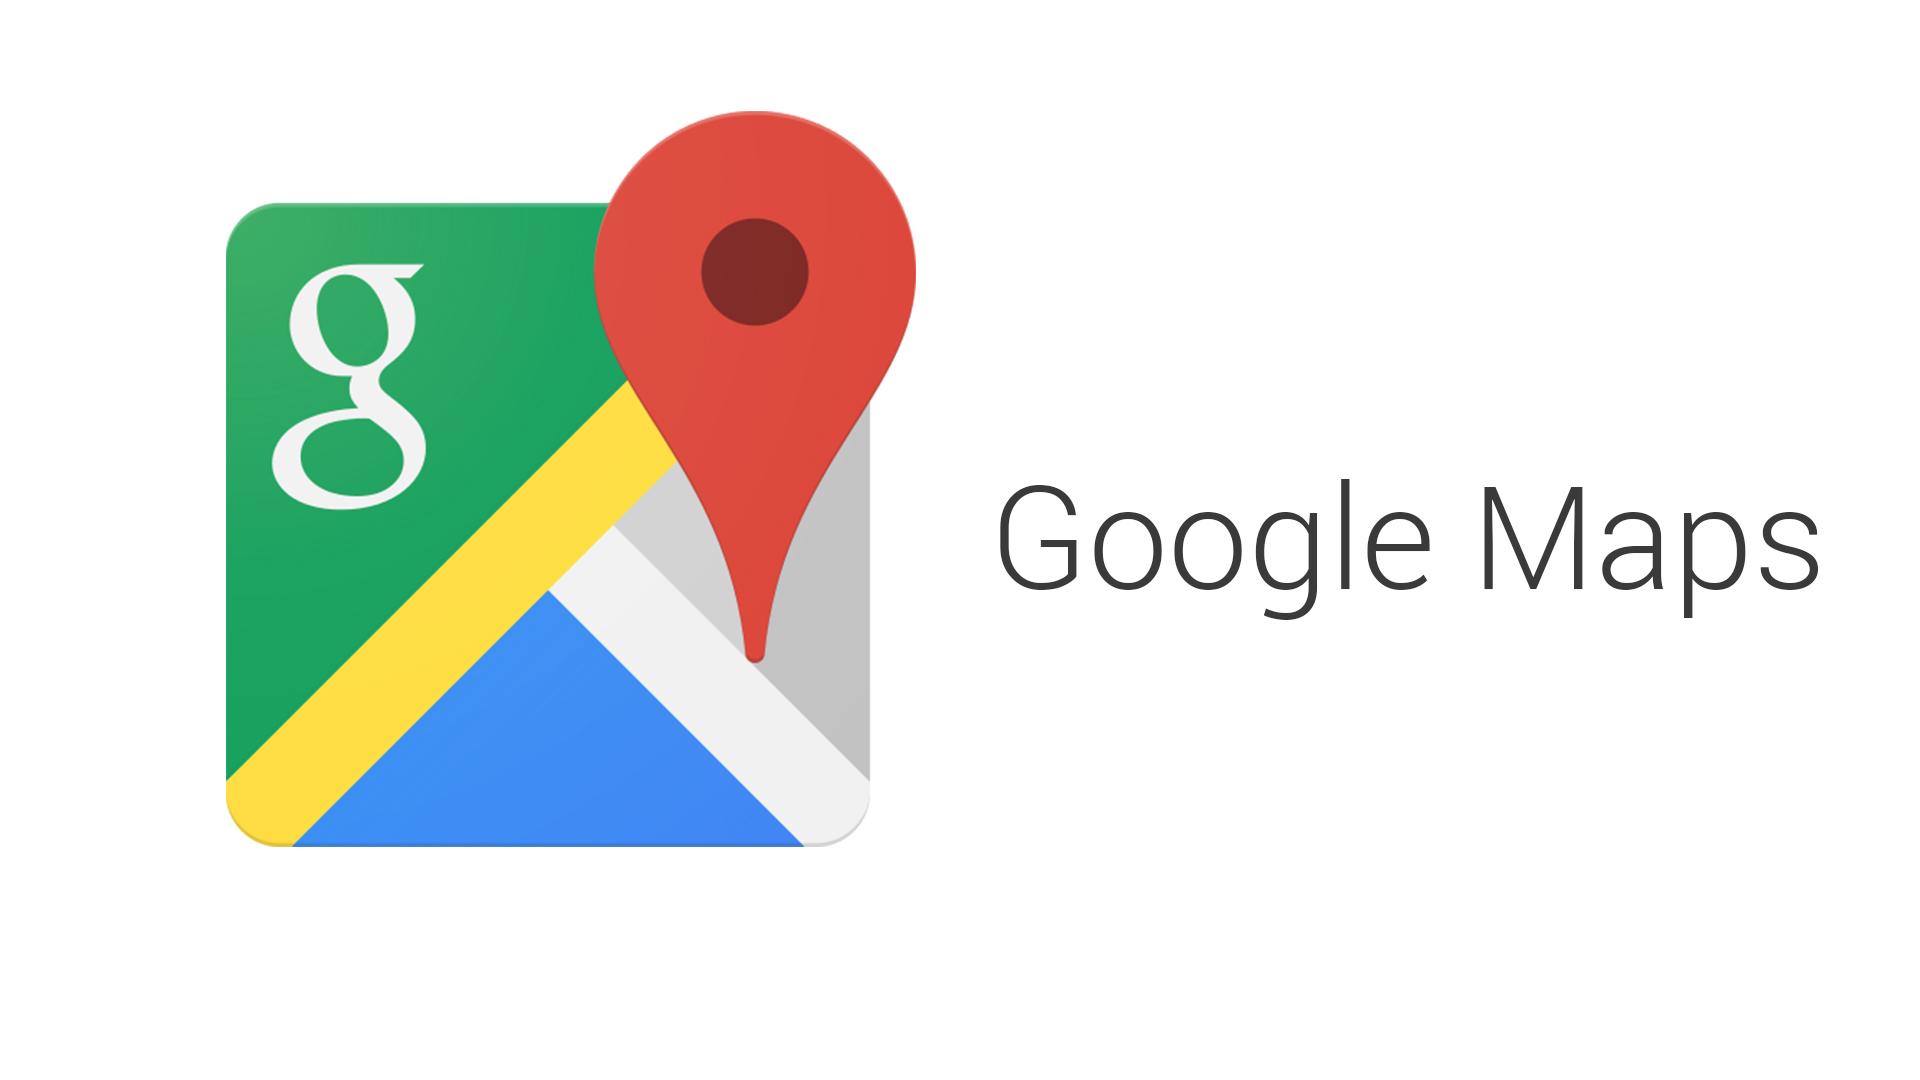 Google Maps là gì? Đừng nắm tay anh mà hãy nắm trong tay một chiếc Google Maps để đi khắp thế gian